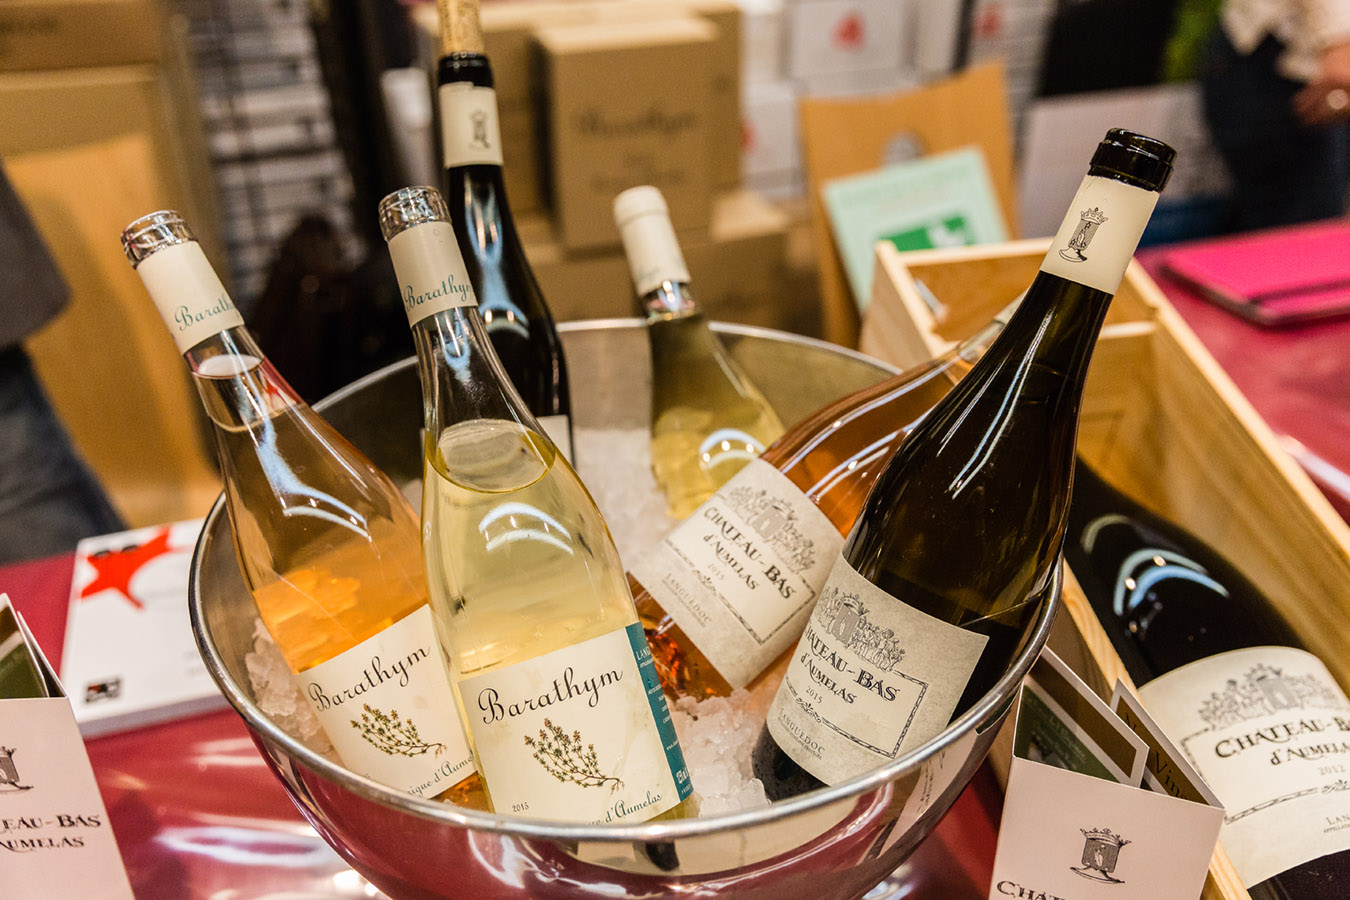 Le salon du vin rodez for Salon du vin nancy